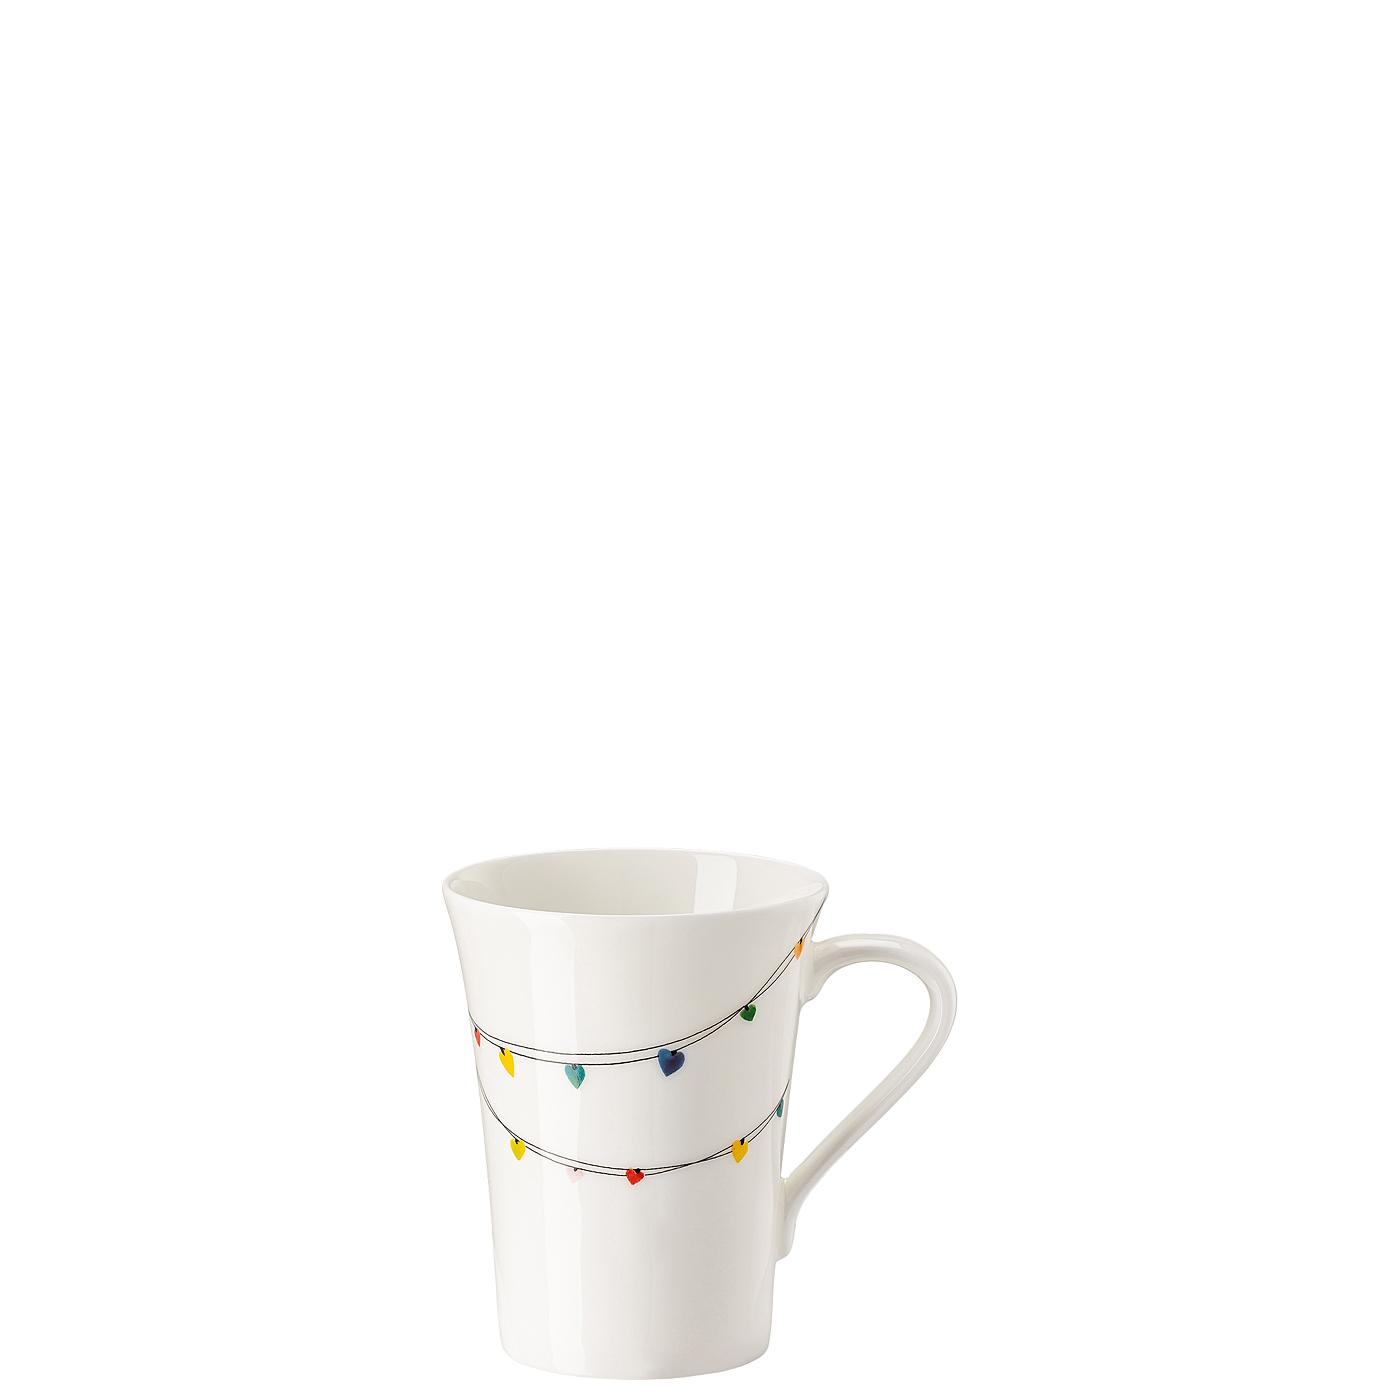 Becher mit Henkel My Mug Collection Love - Garland Hutschenreuther